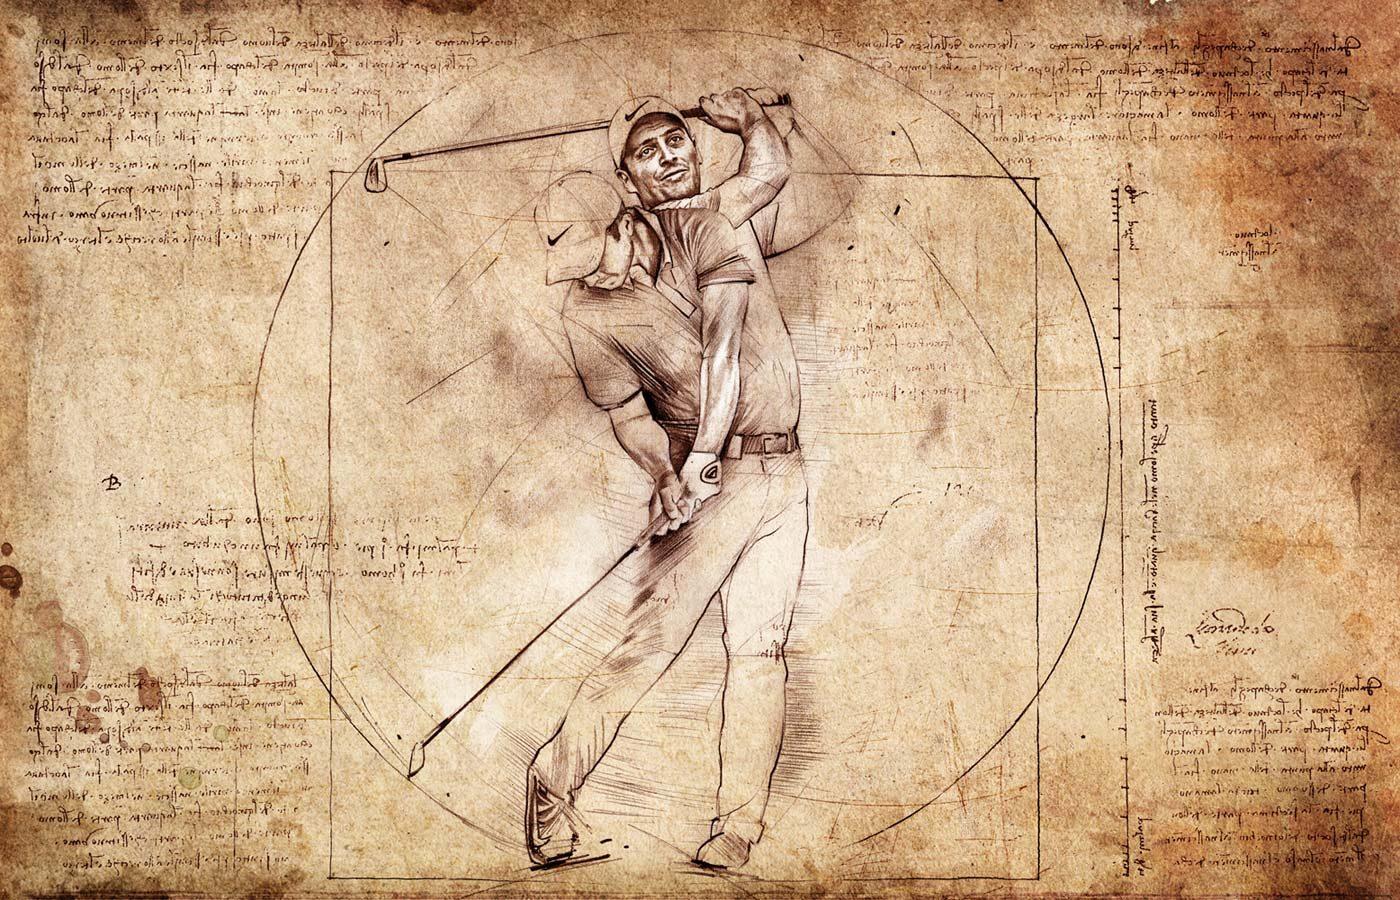 Golf1 - Kornel Illustration | Kornel Stadler portfolio